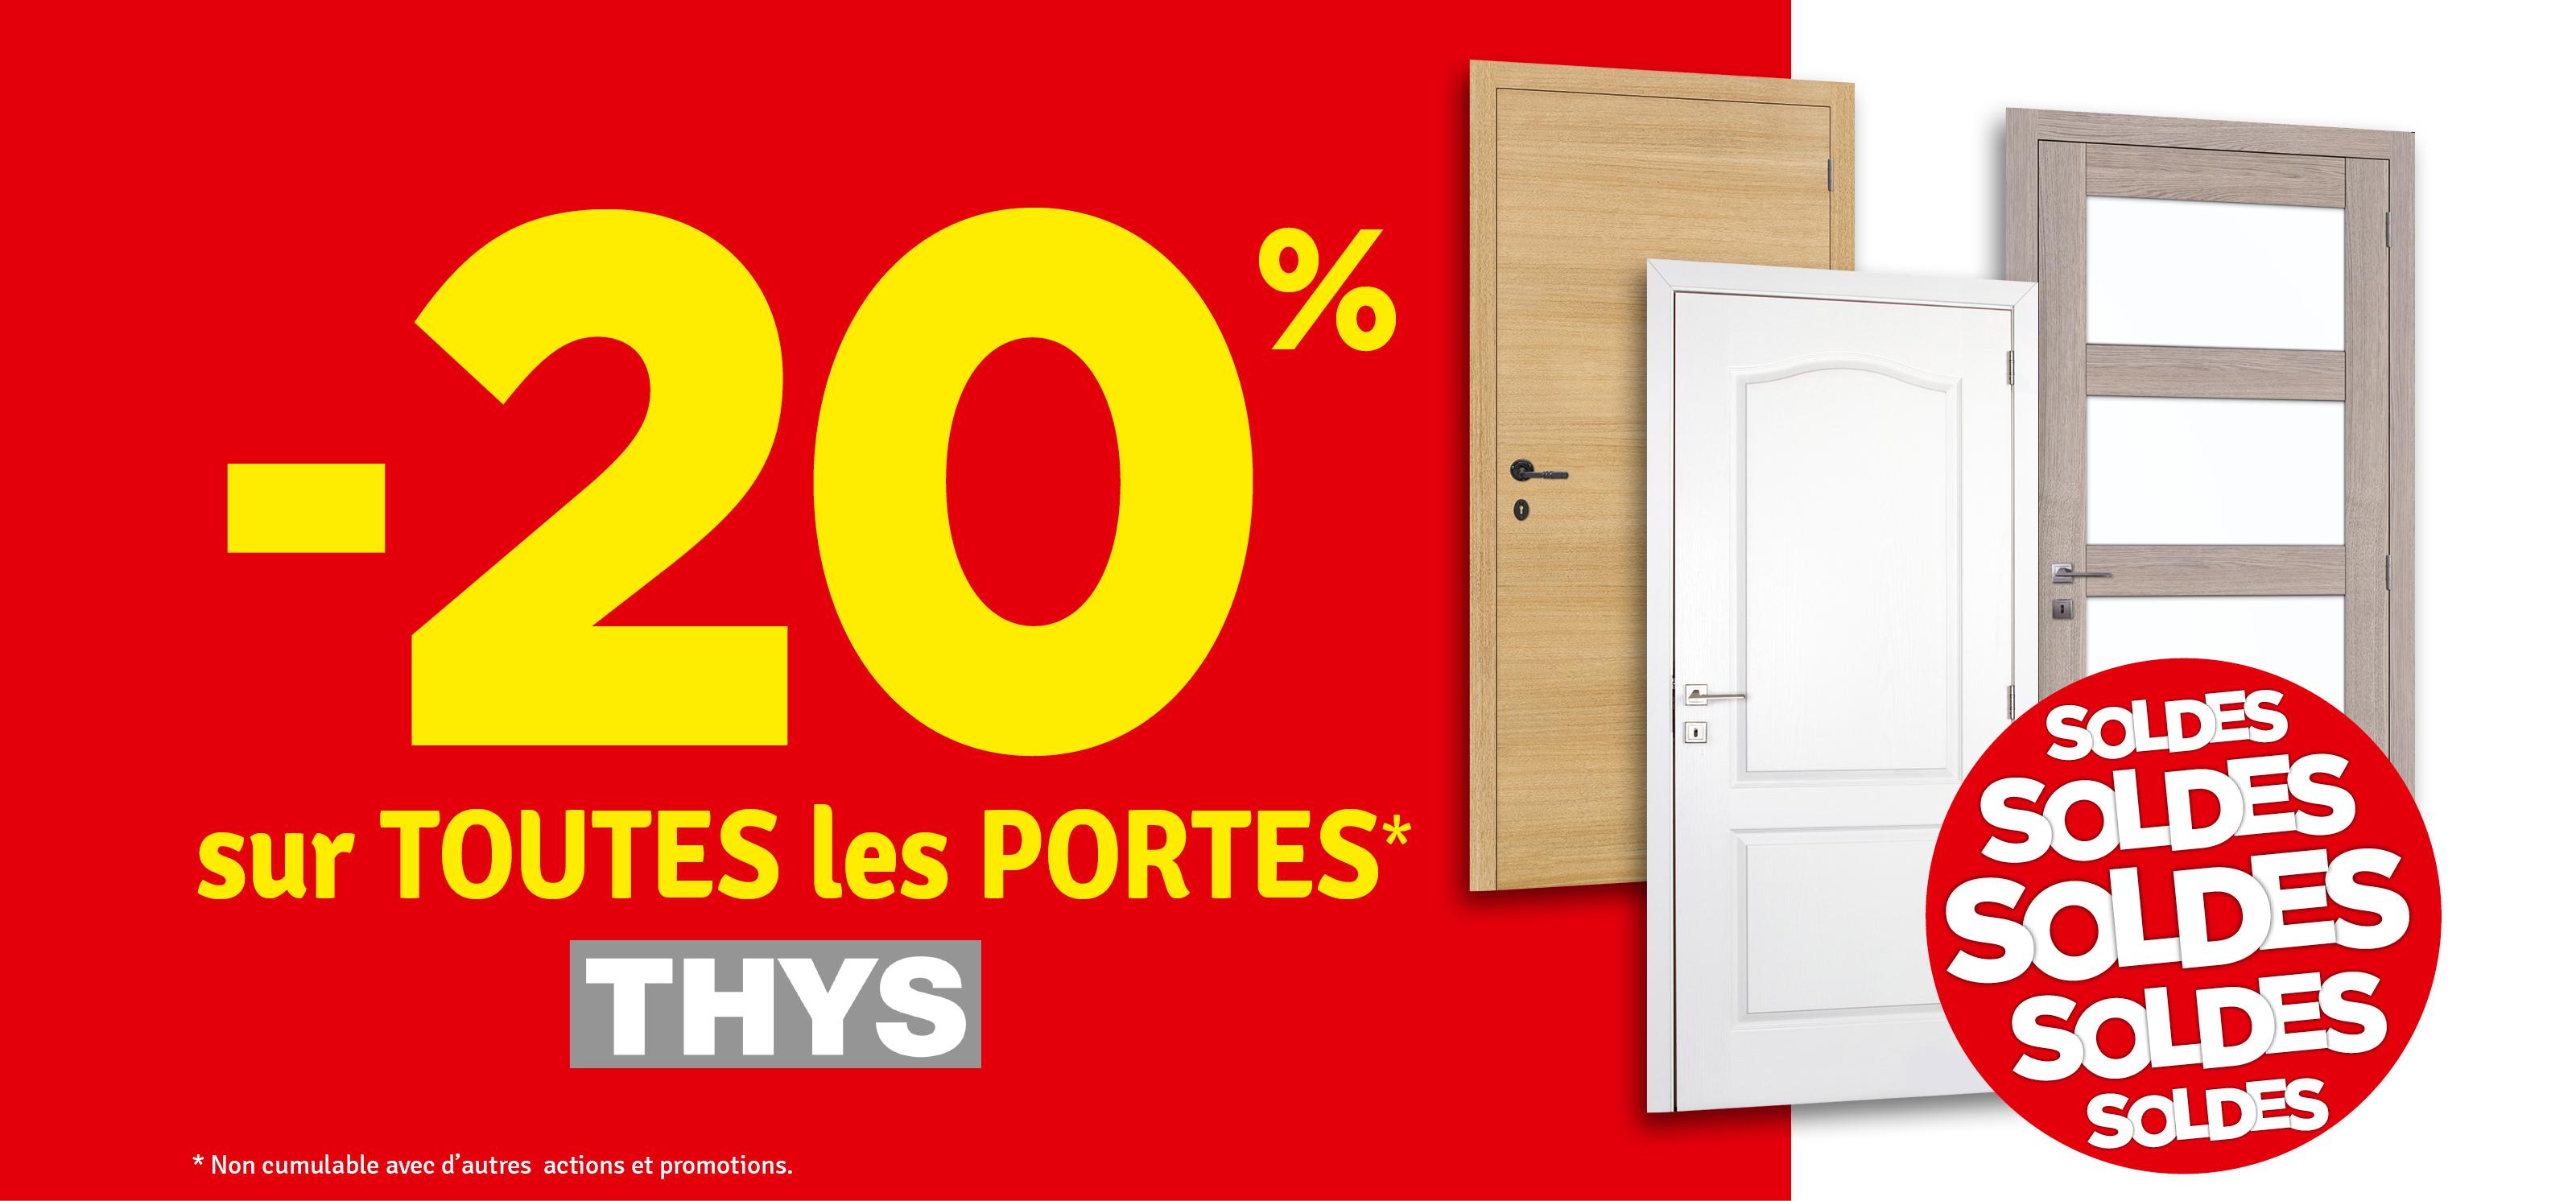 Promo - -20 % sur les portes THYS